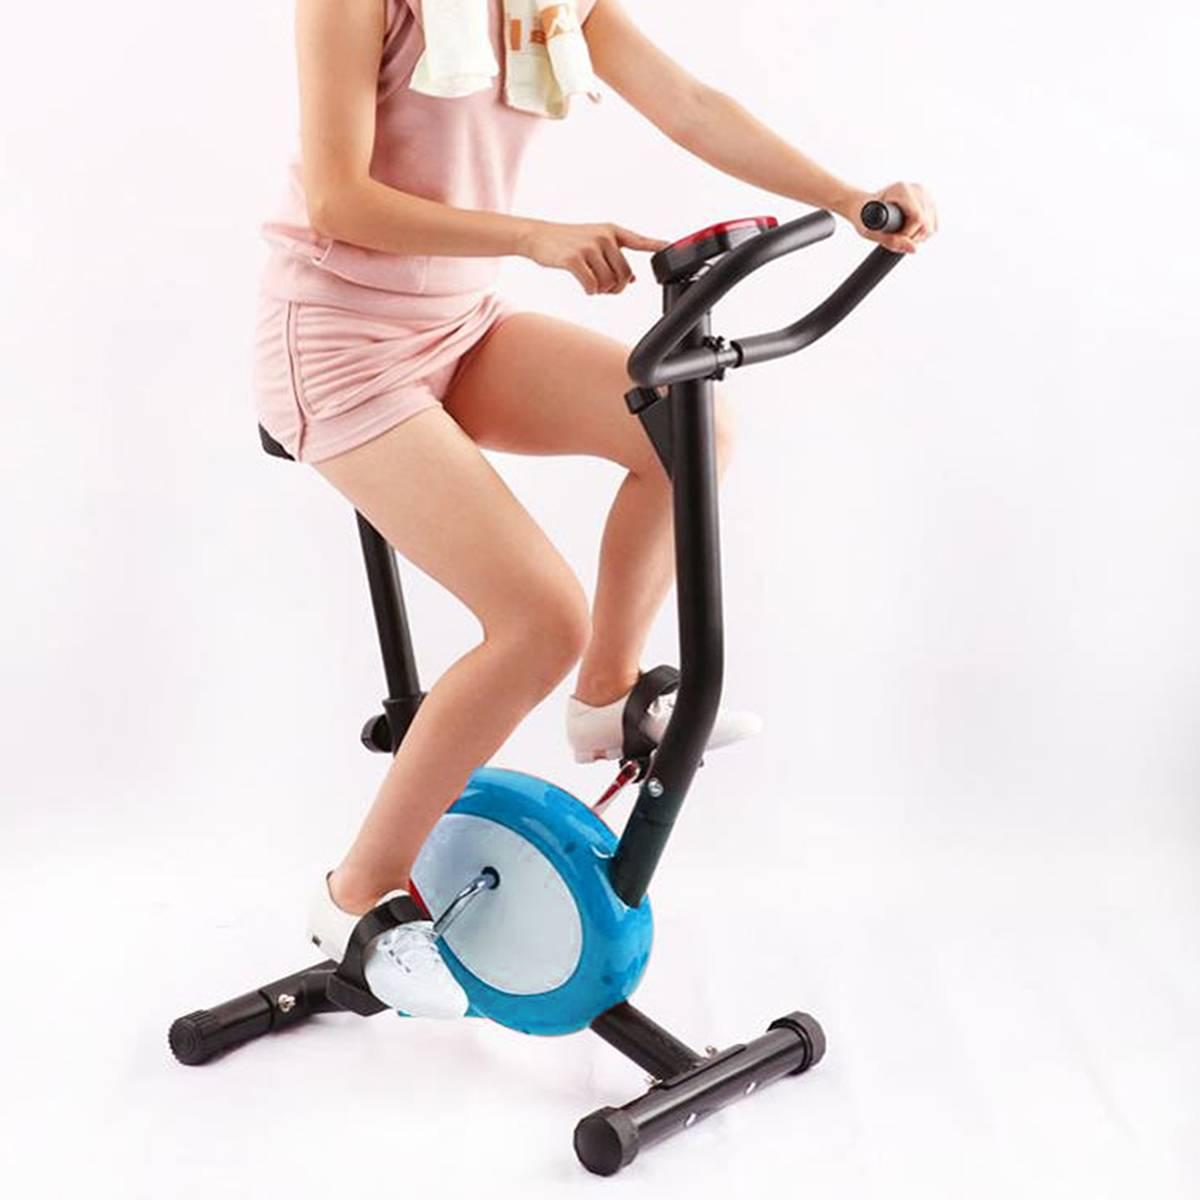 Велотренажер для похудения ног отзывы